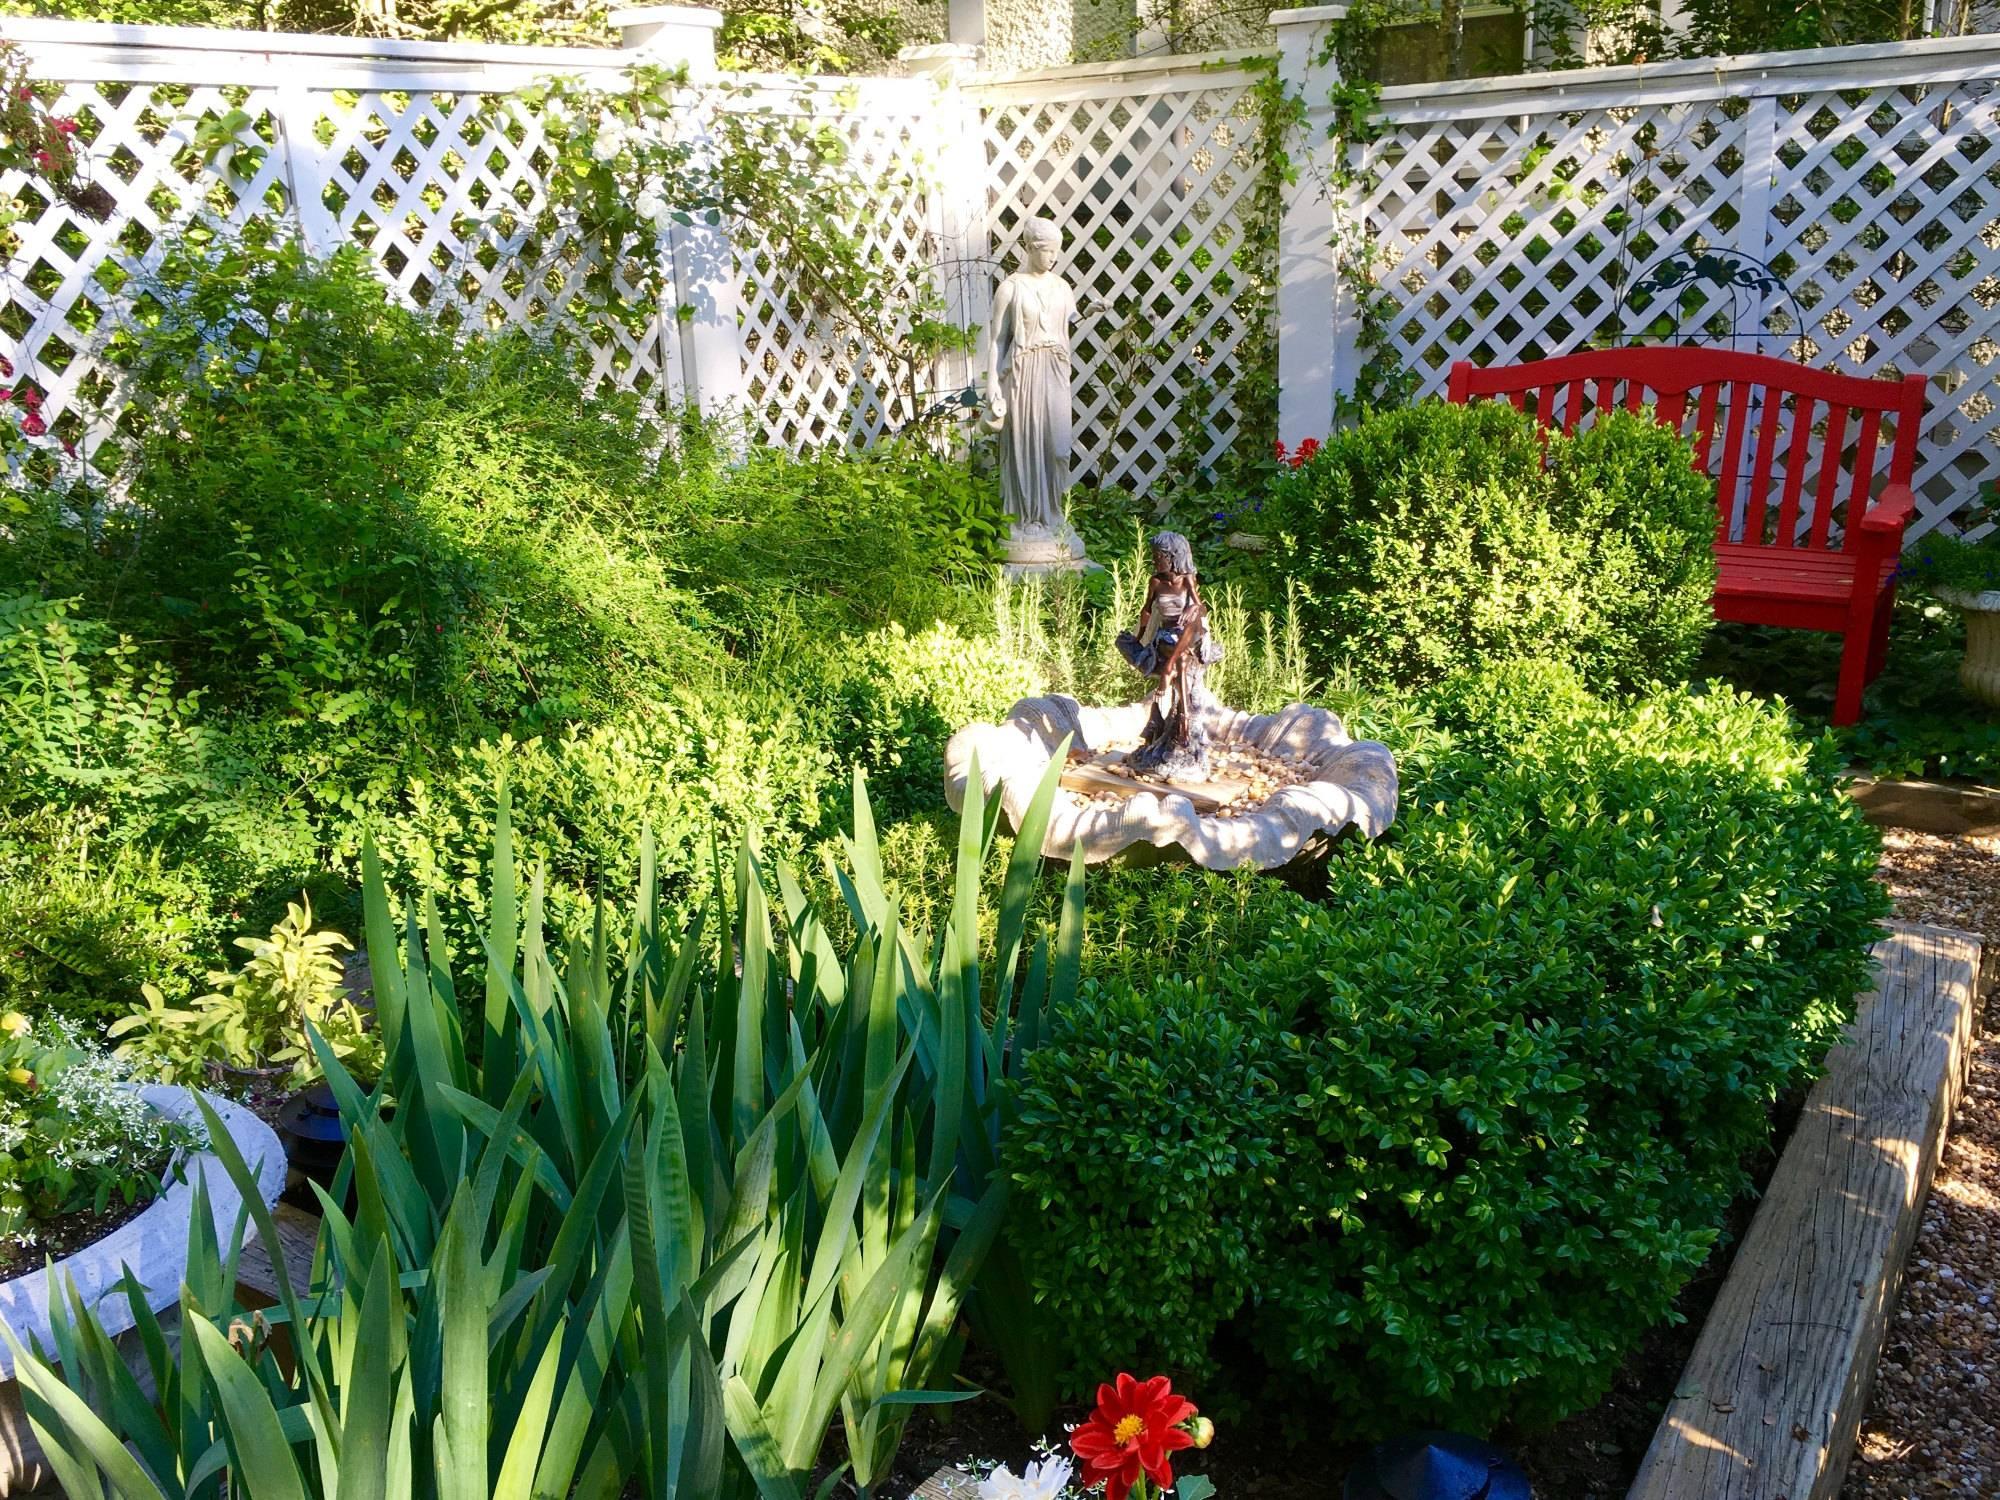 Abbington-Green-garden